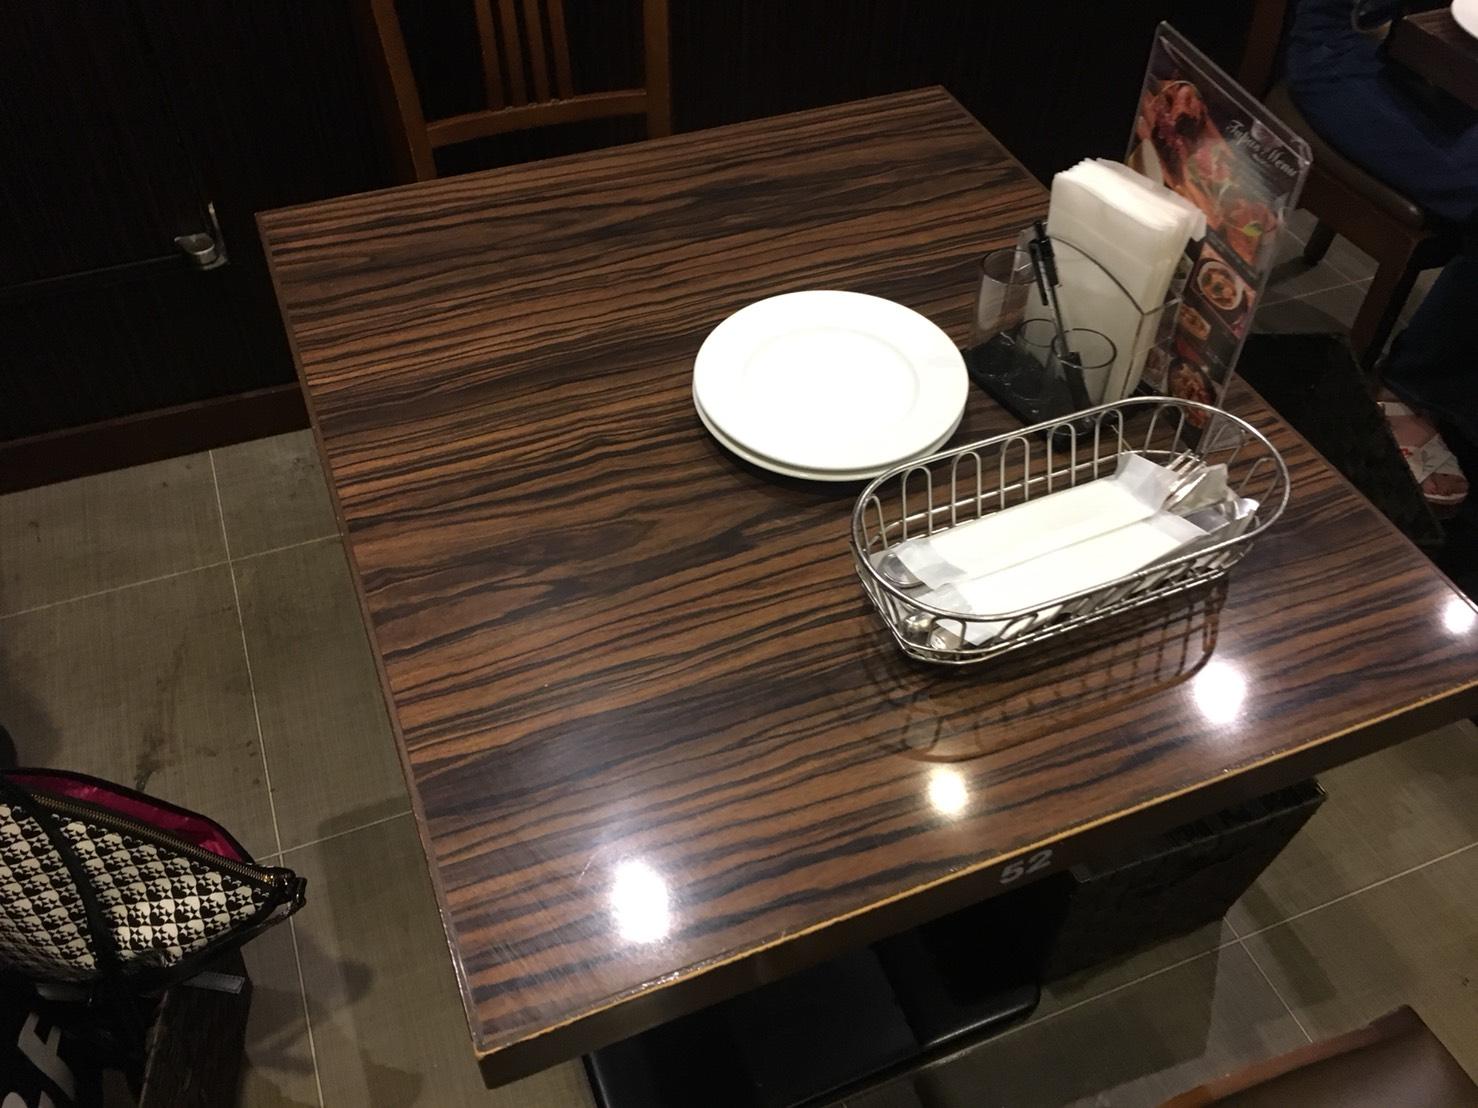 【池袋駅】自家製パン食べ放題とグリルで満腹「ビストロ309」のテーブル